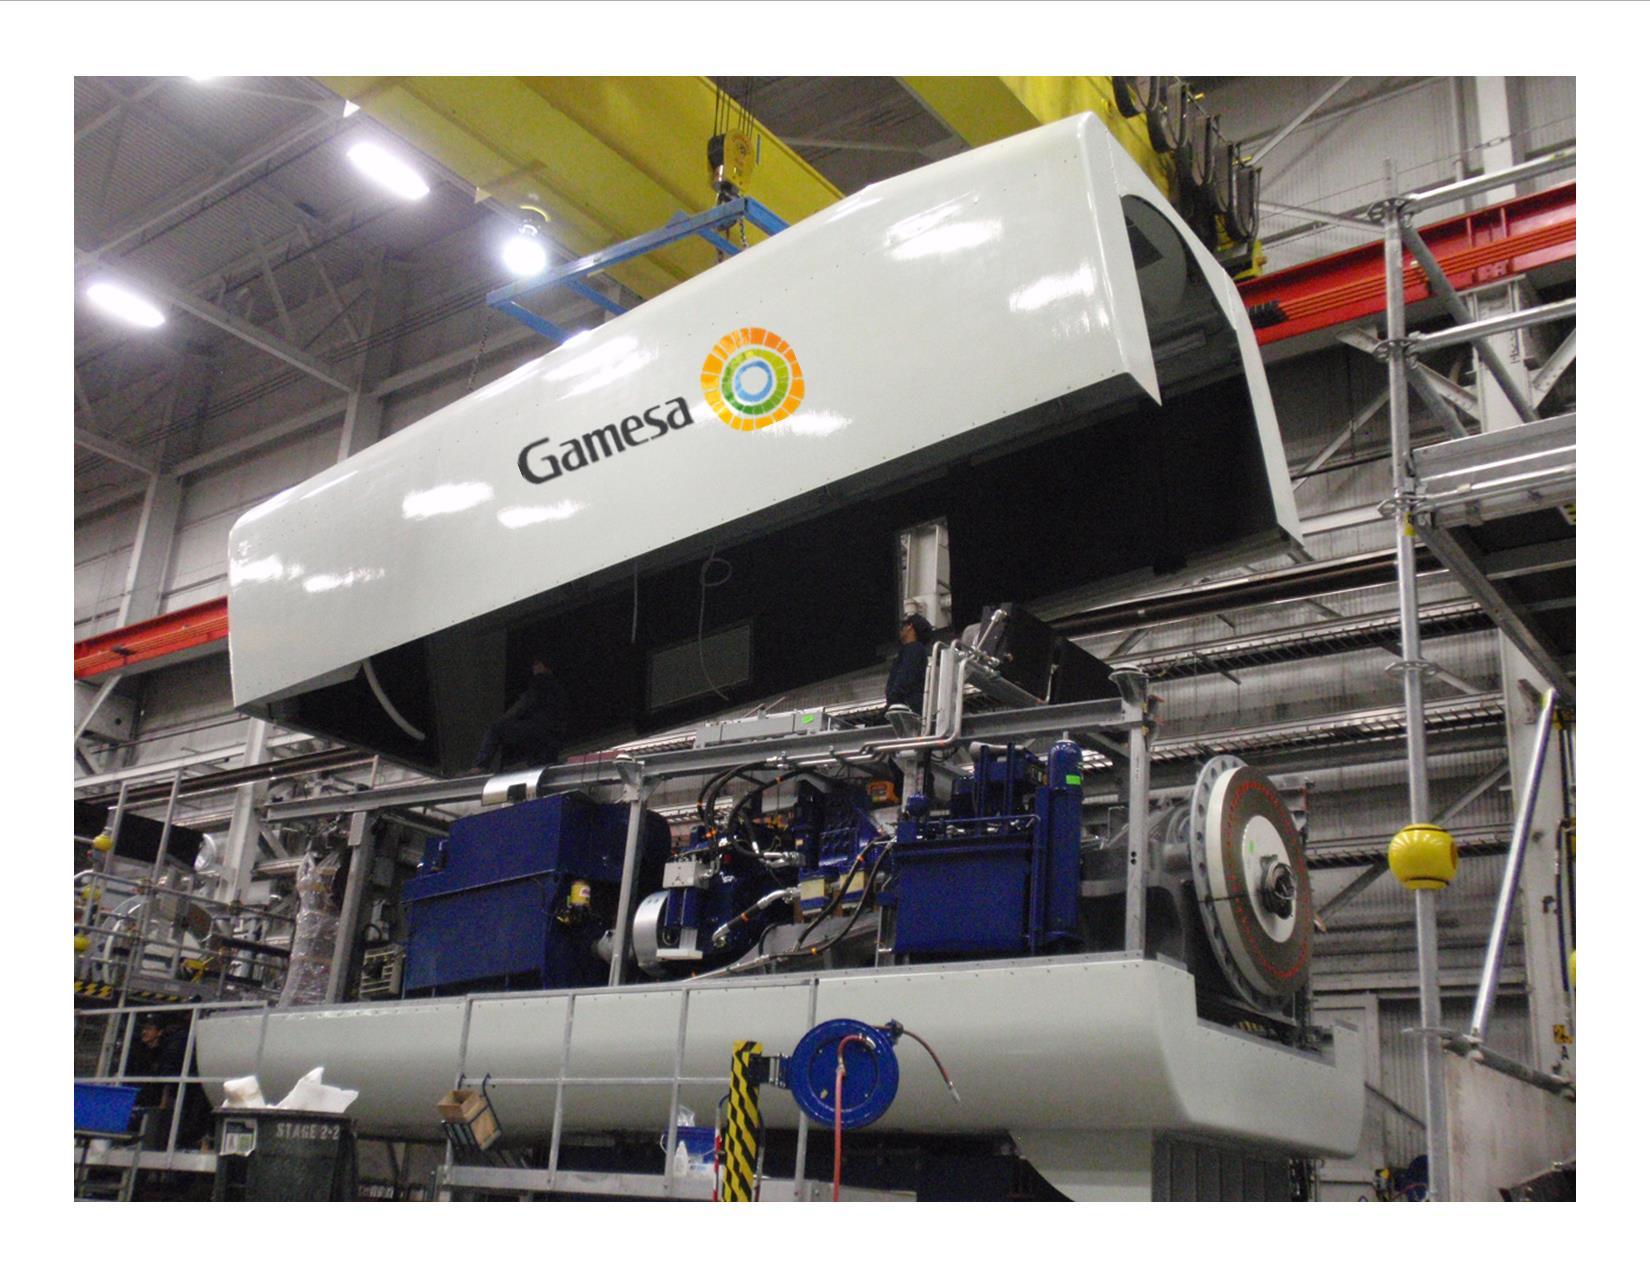 Eólica y energías renovables: Gamesa hace caja con la venta de tres parques eólicos en EE UU